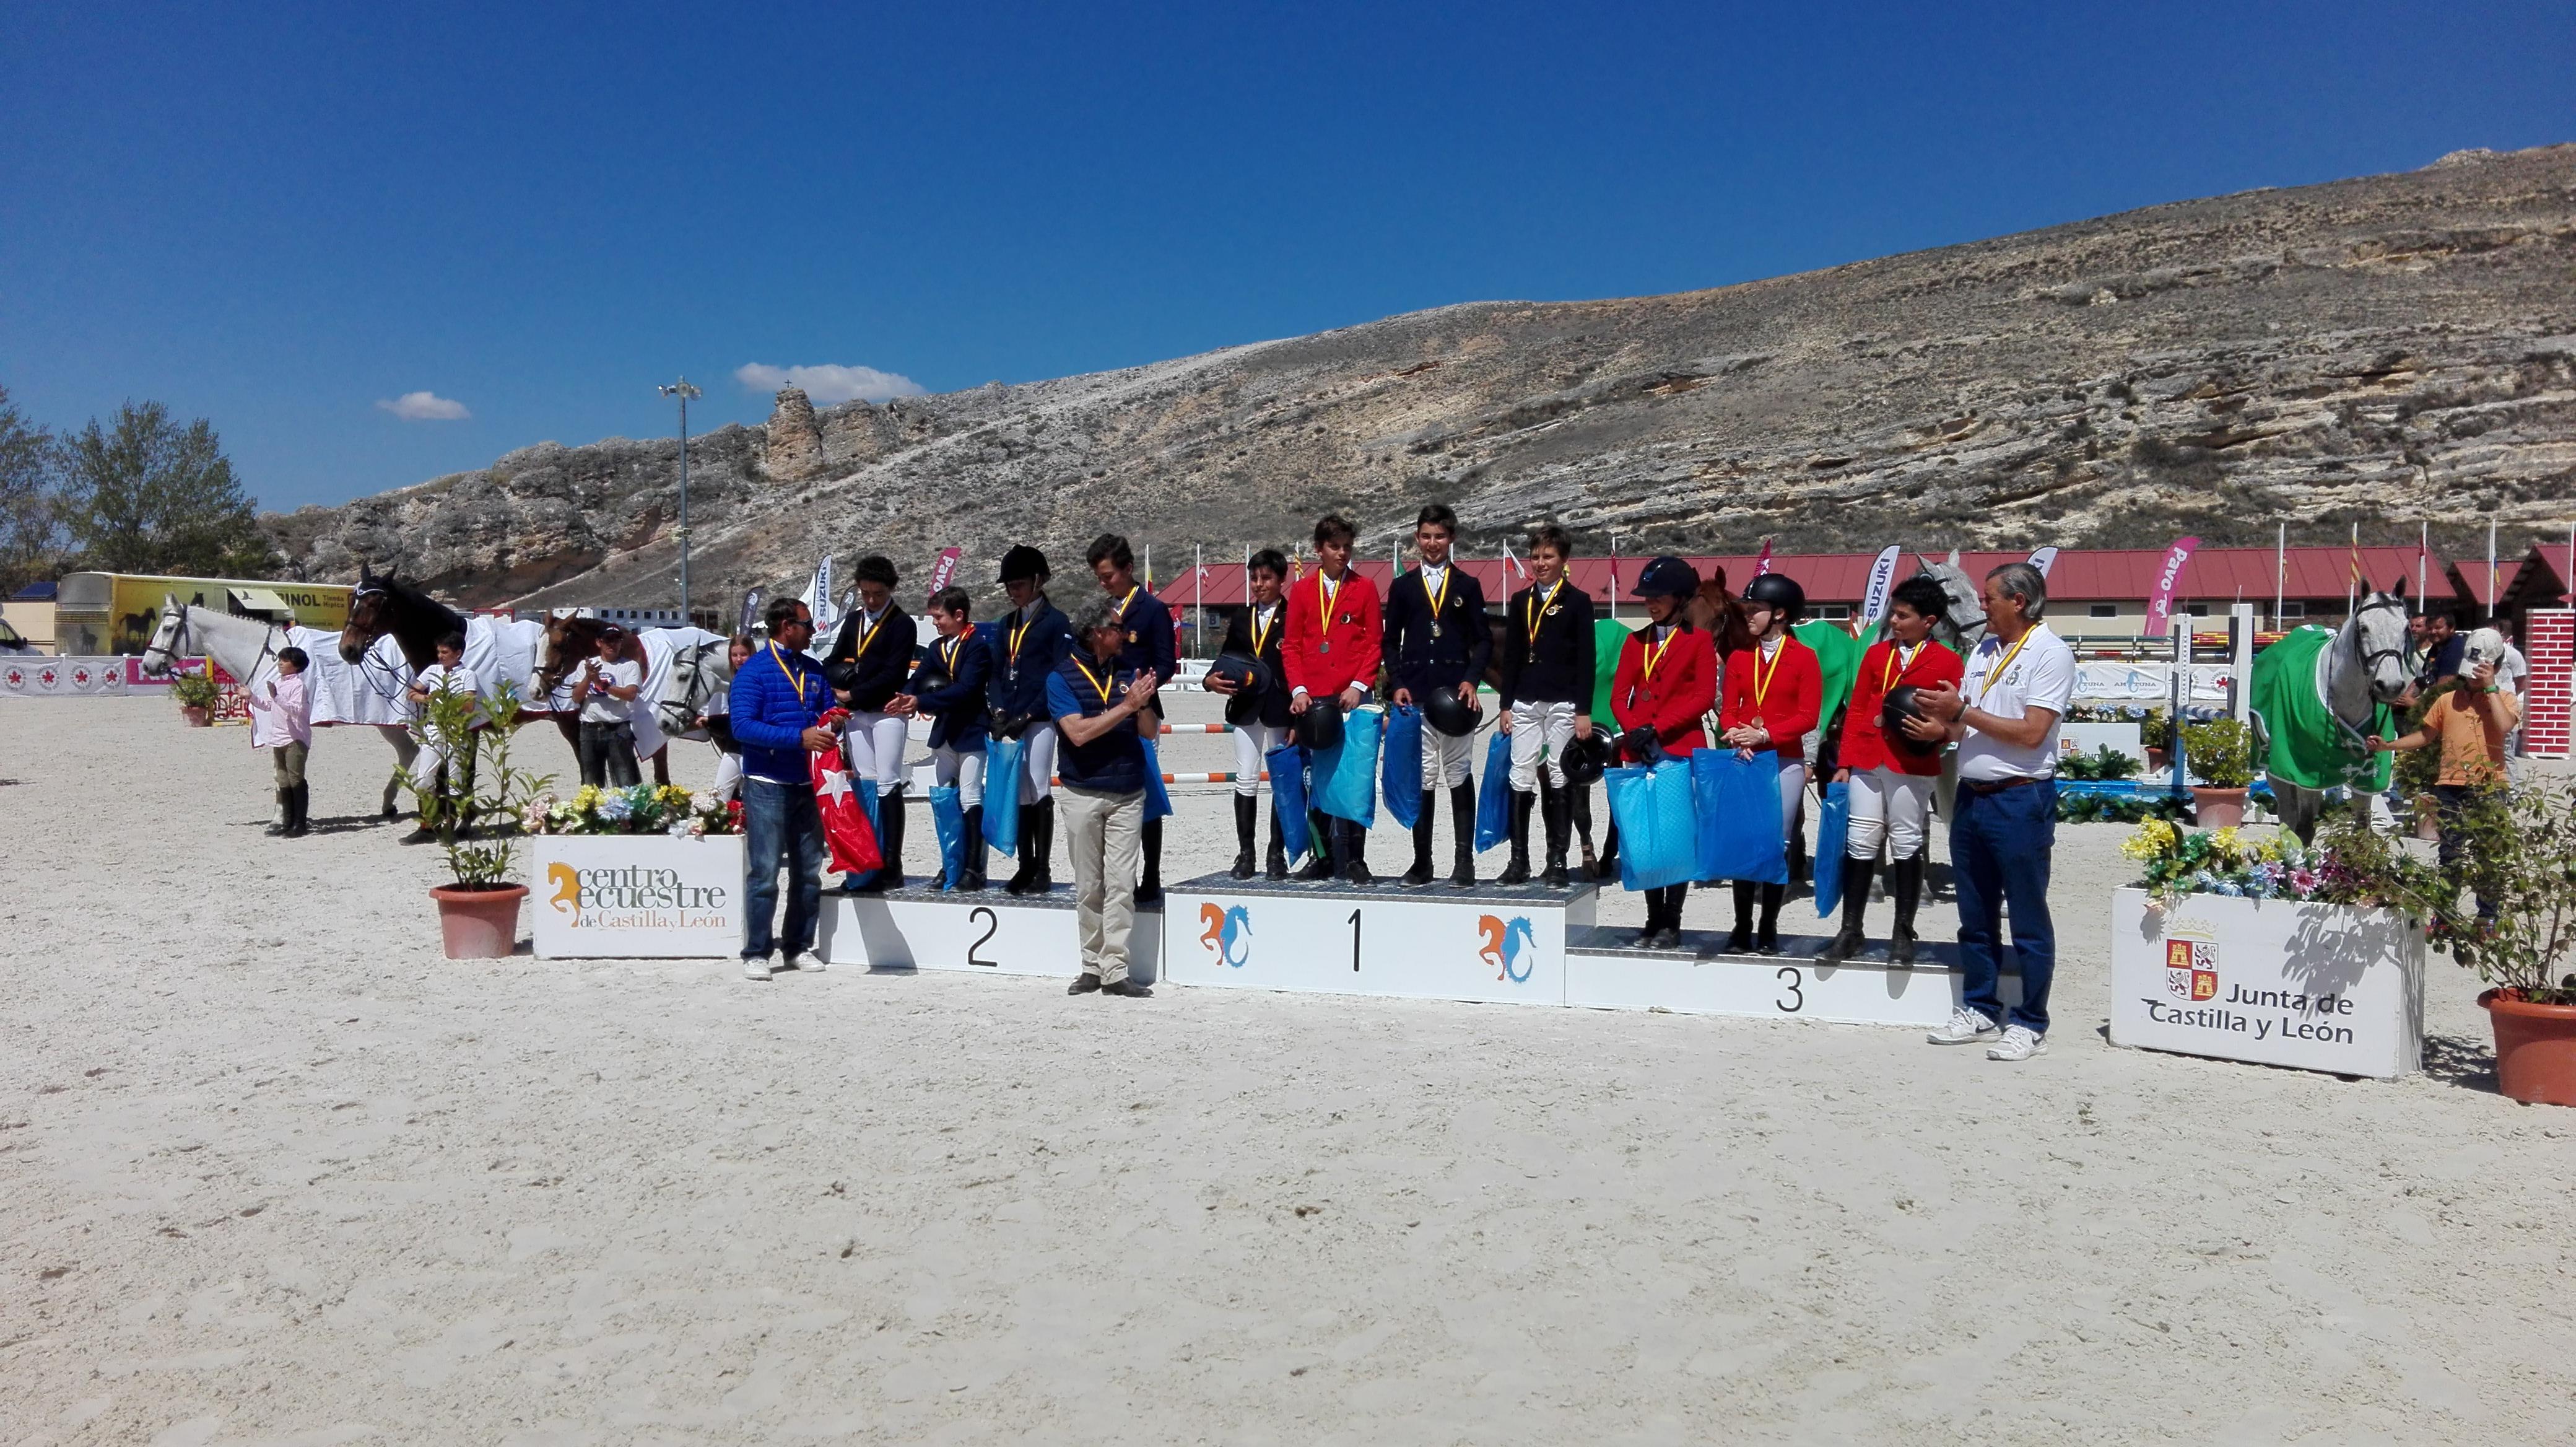 Segovia, sede del Campeonato de España de Salto de Menores 2017